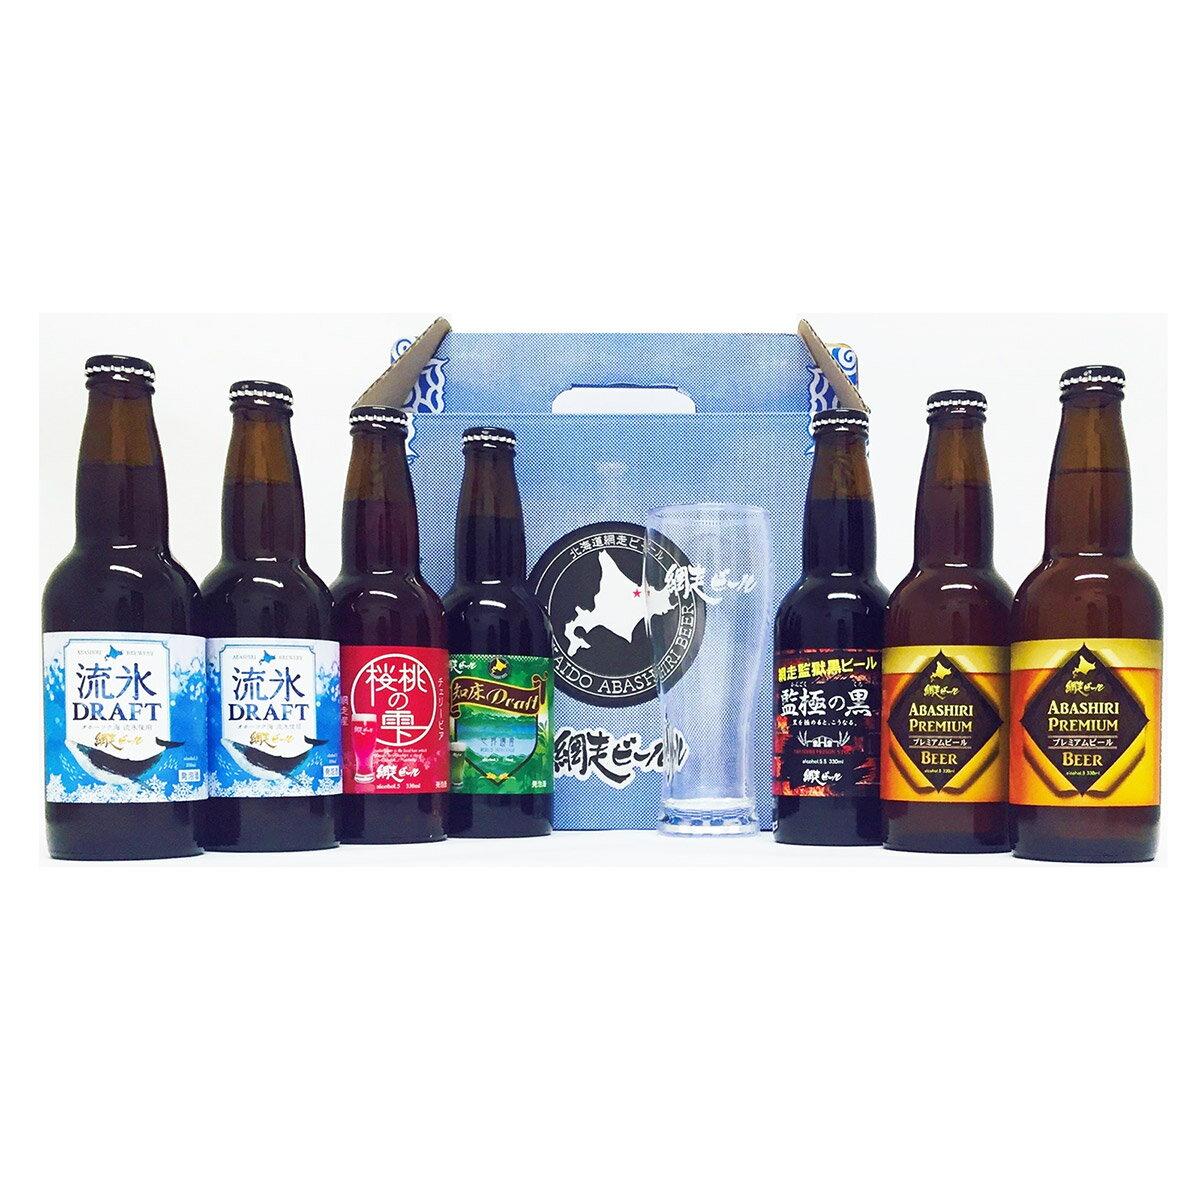 【ふるさと納税】網走ビール 地ビール7本+グラス1個セット